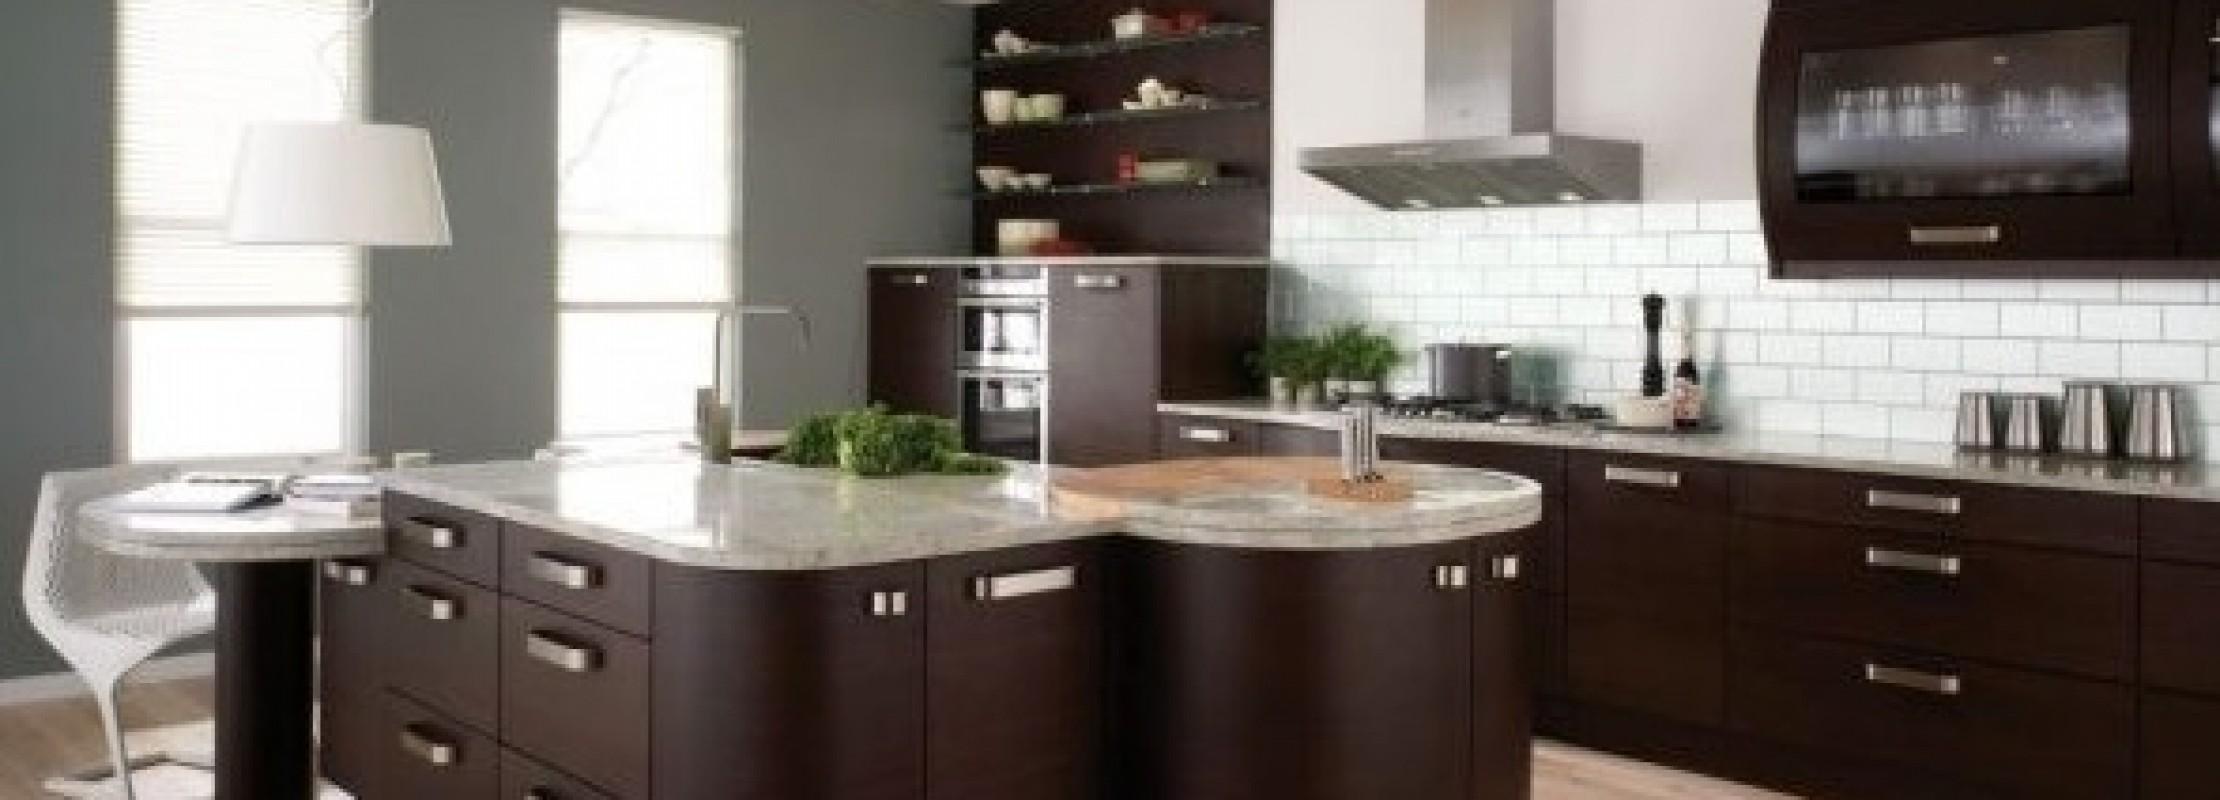 Ristrutturazione della cucina, fasi e costi - | Blog Edilnet